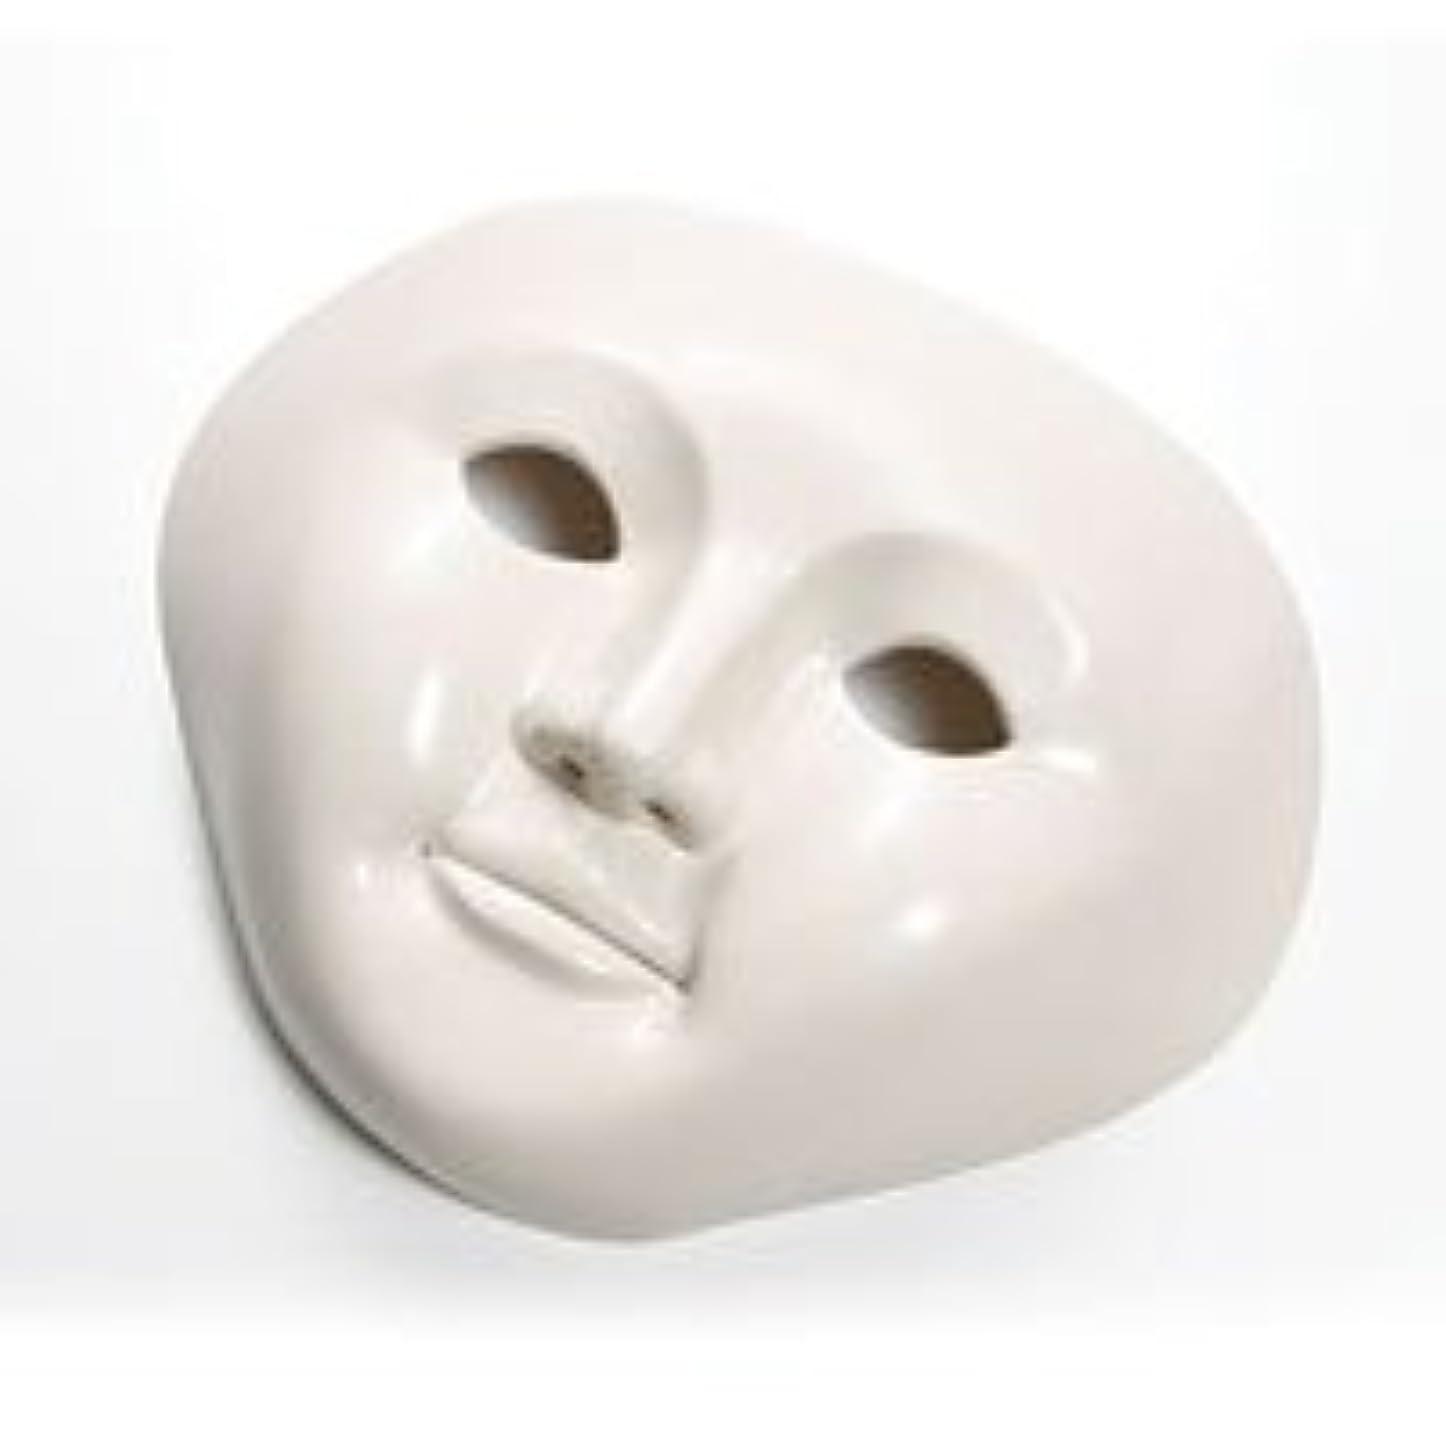 戸口心理的に偏心湯の花美人 【ラジウムの美顔マスク】